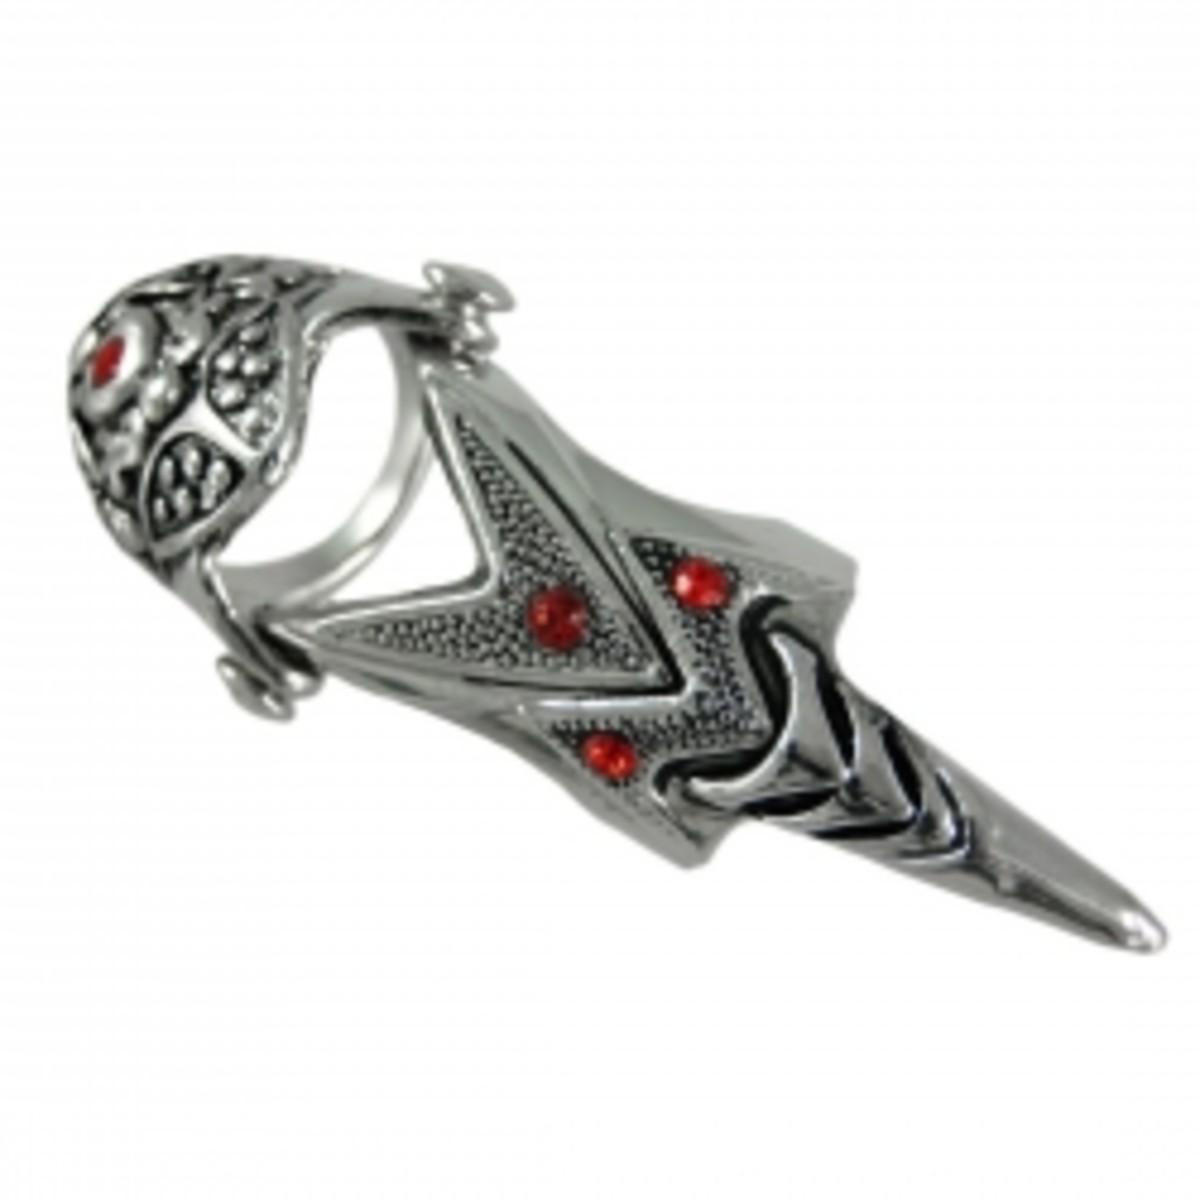 Armor Ring - Full Finger Armor Rings with Distinction